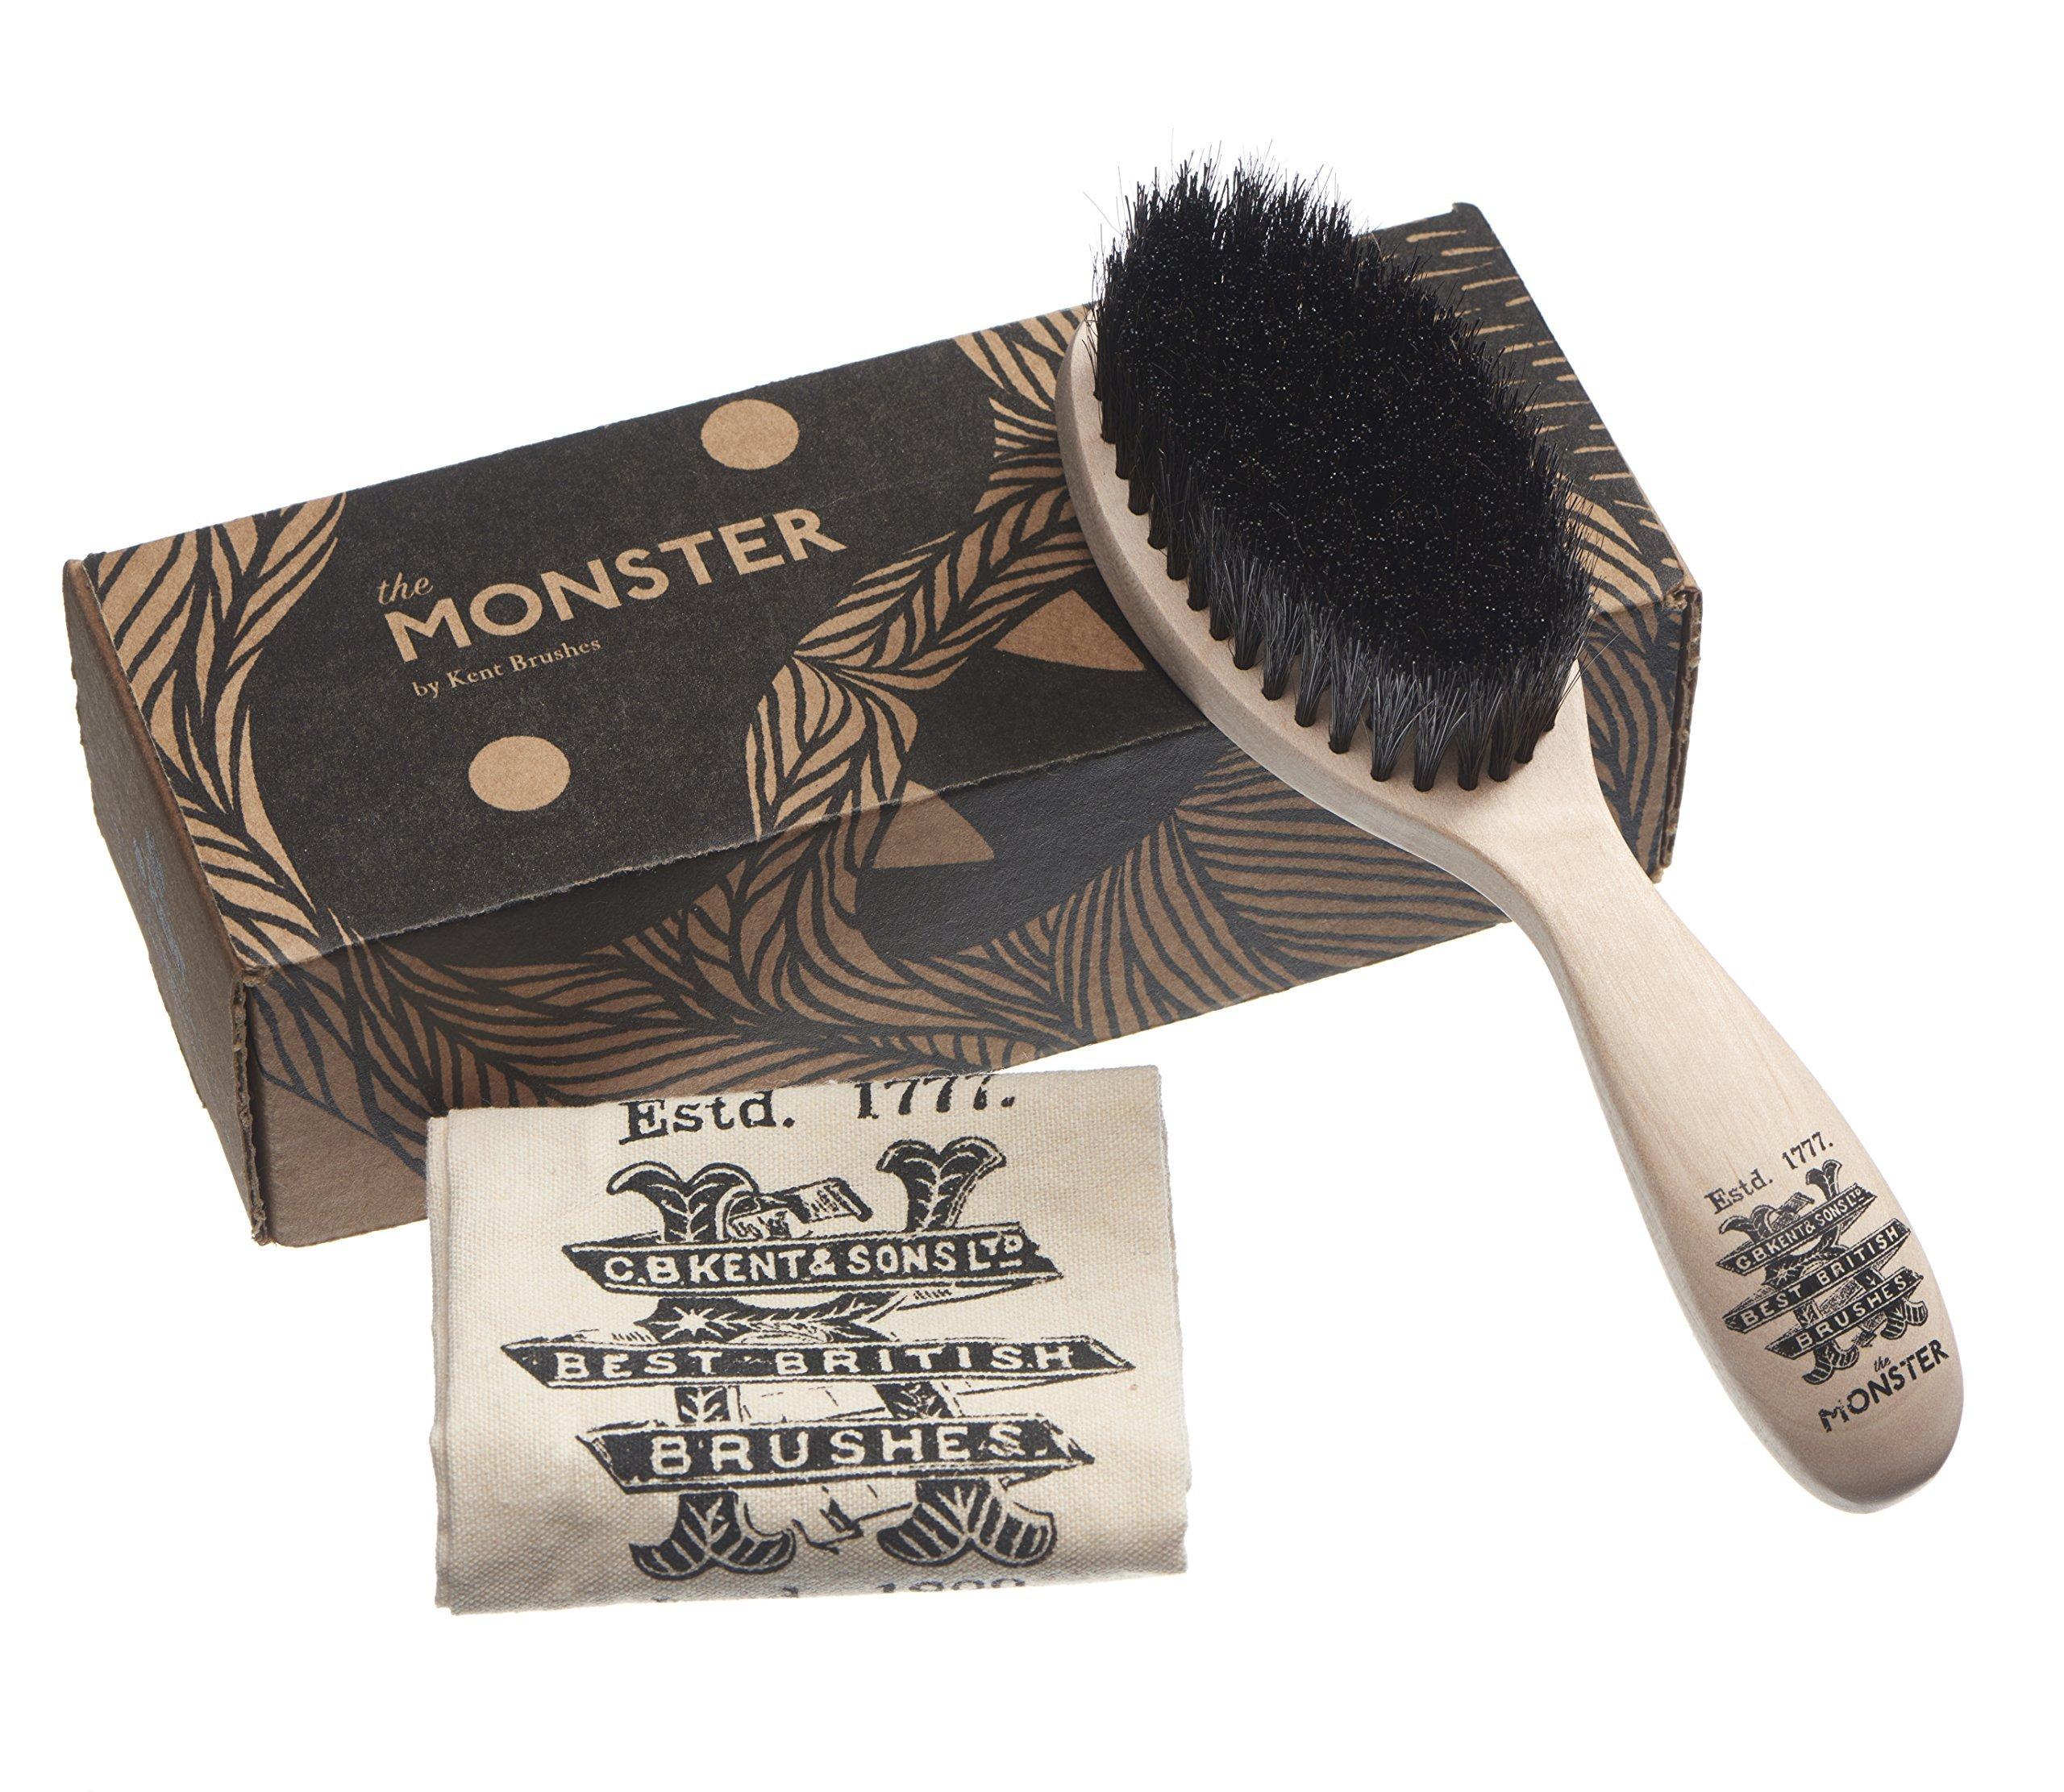 Kent BRD5 Monster Beard Brush